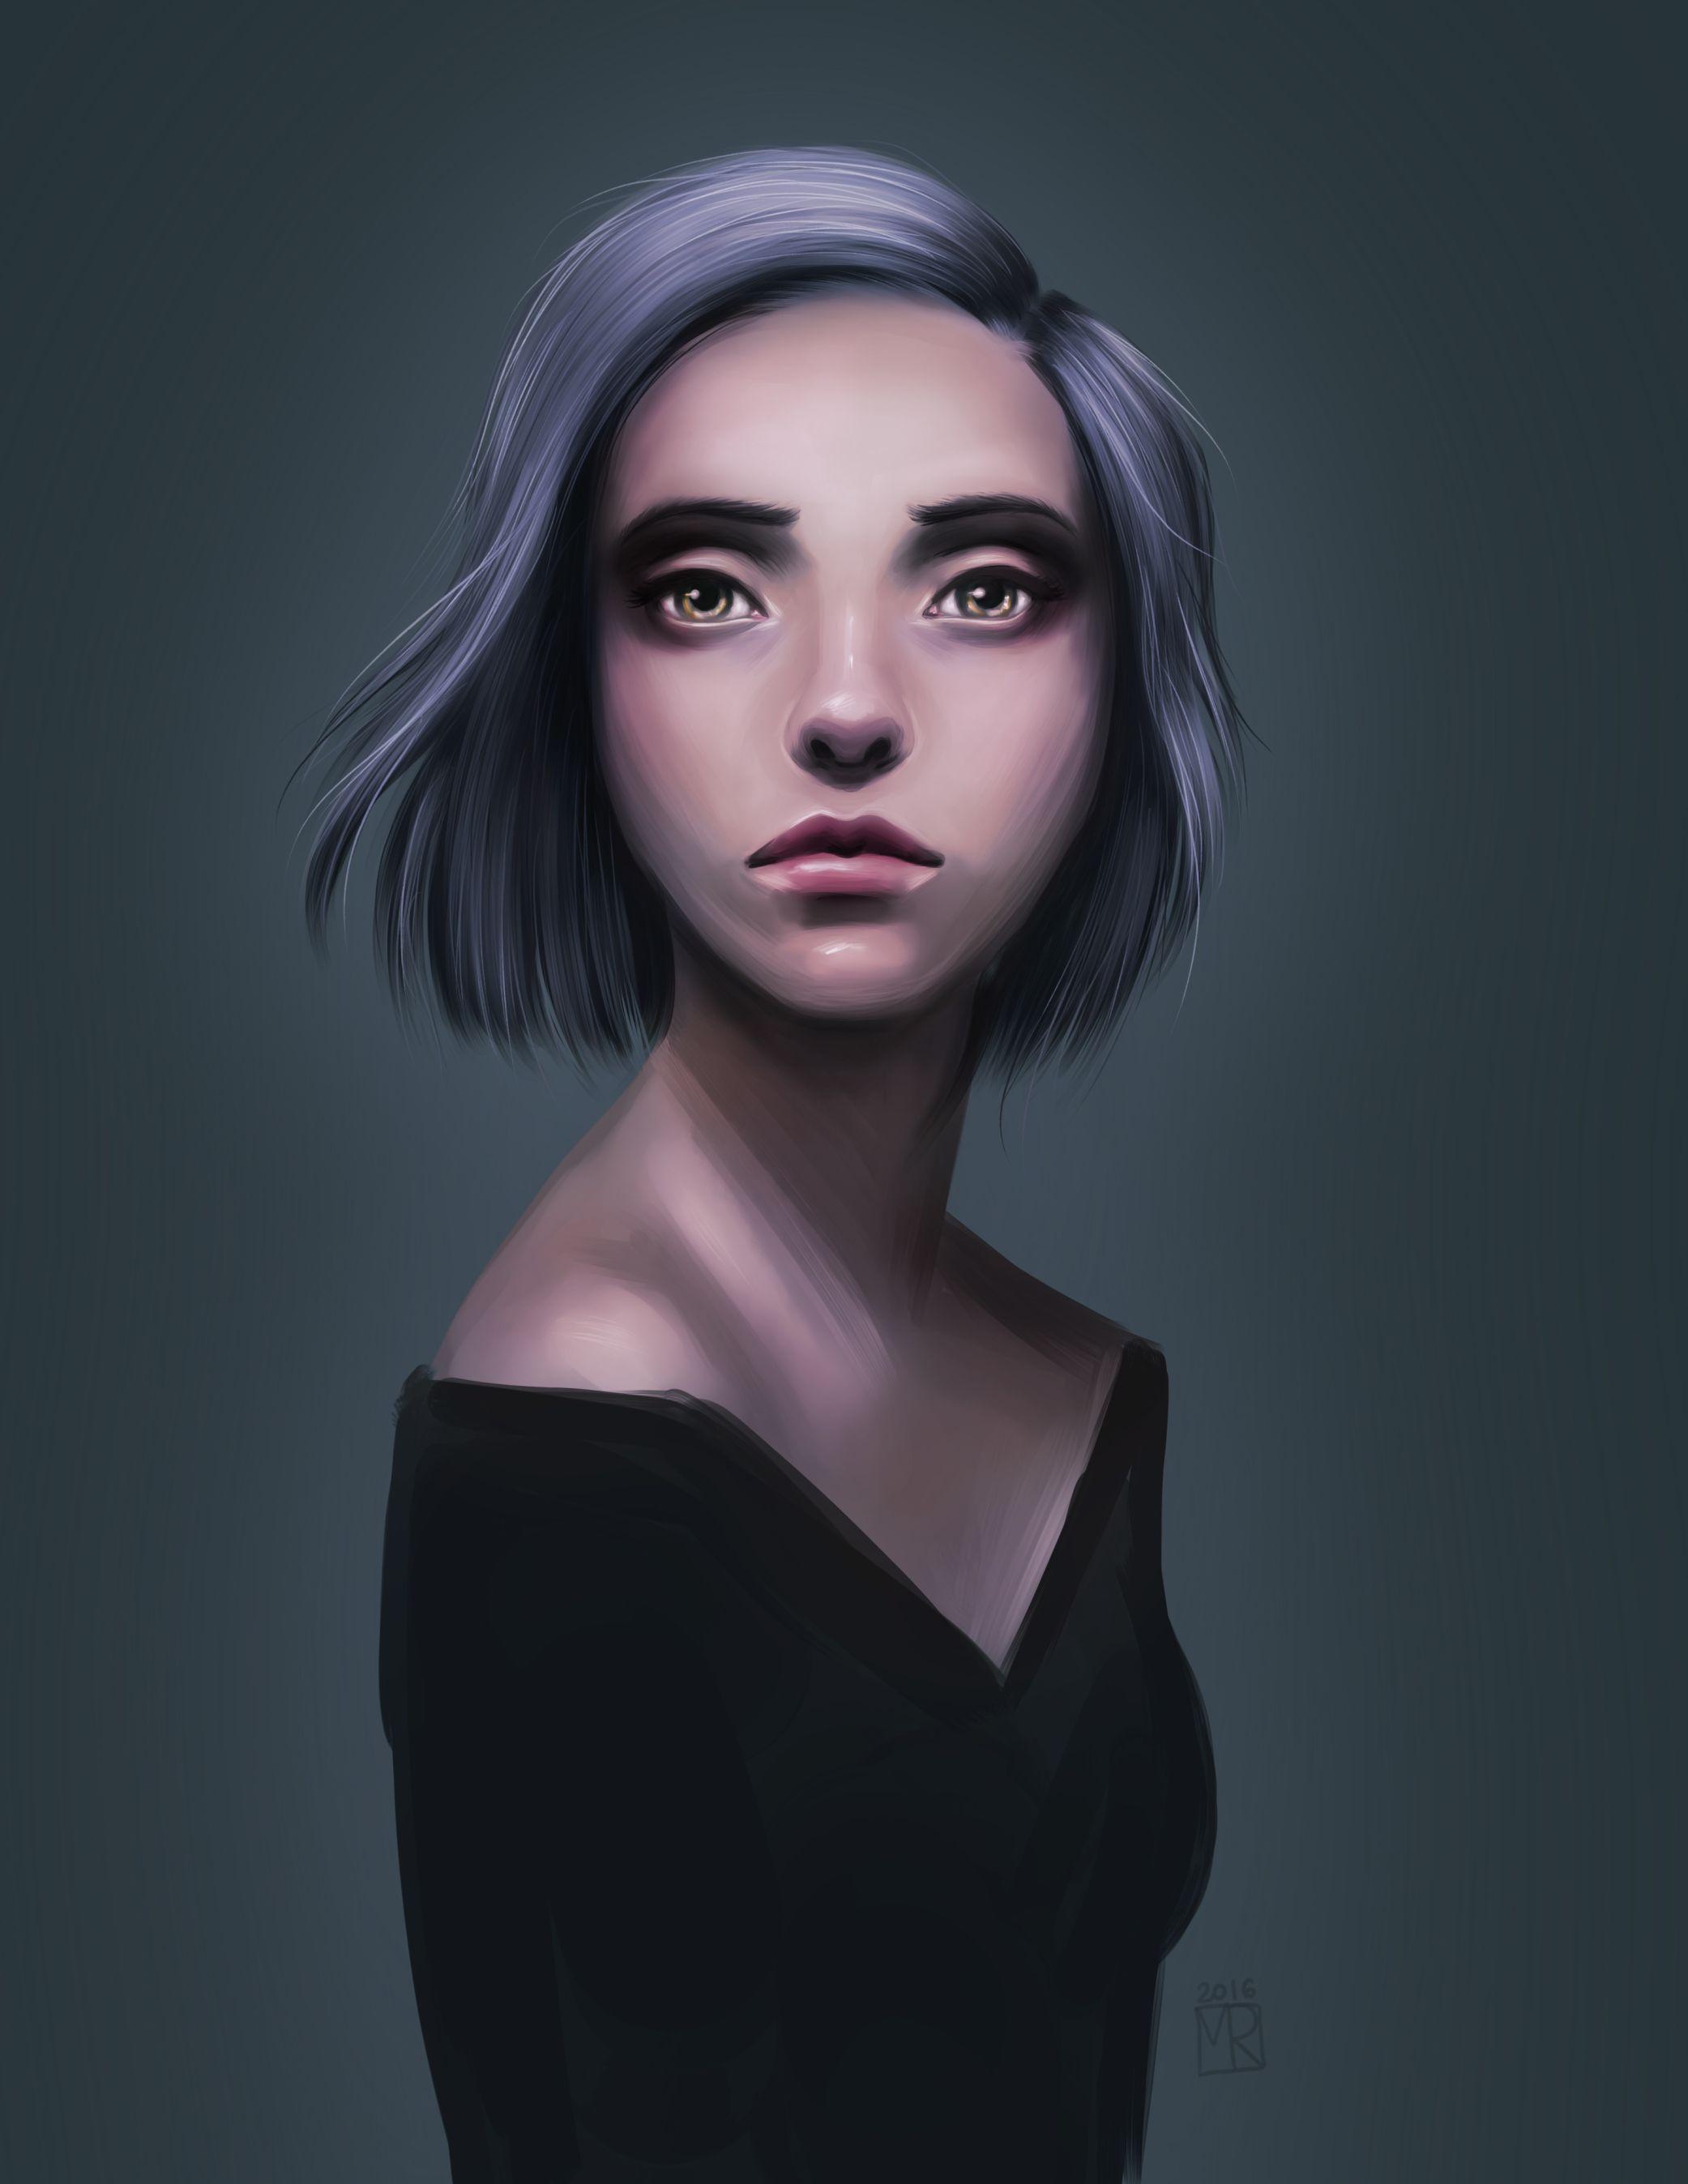 Girlviolet